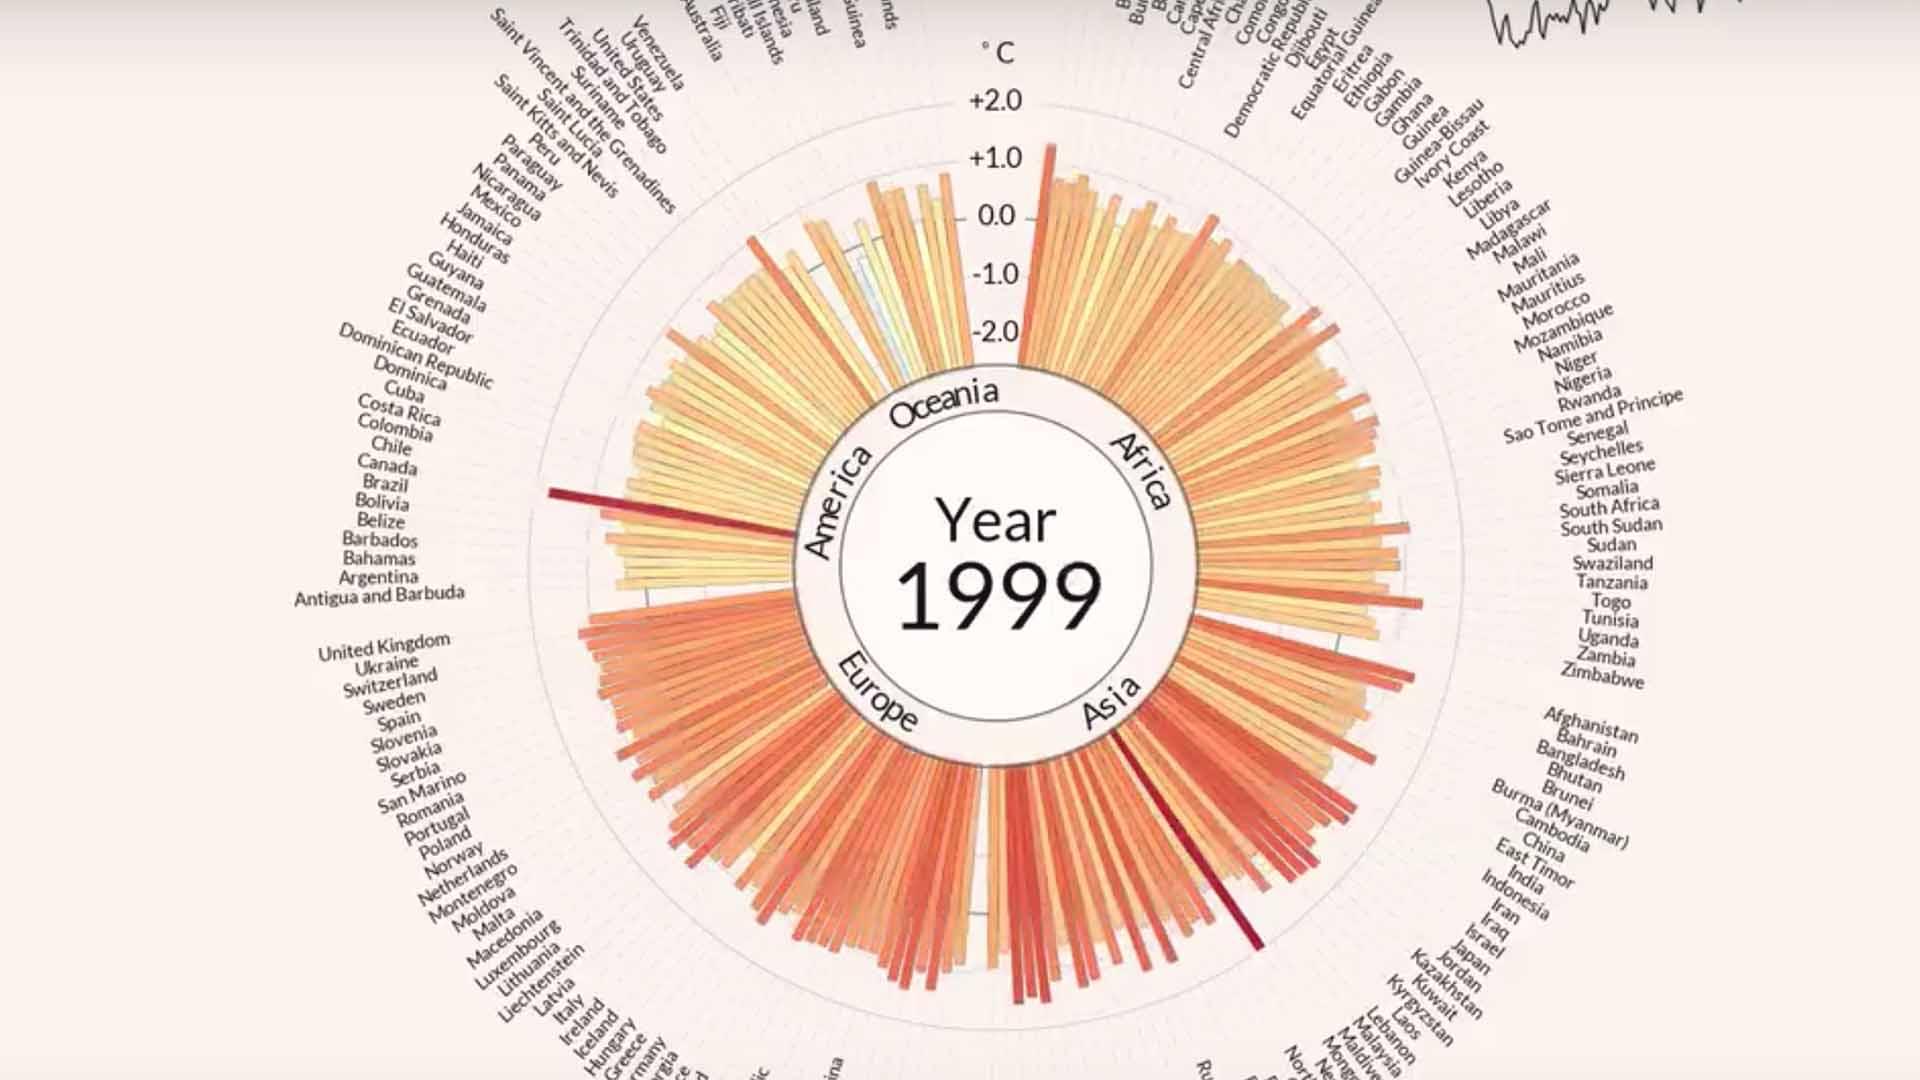 La fine del secolo aveva superato i record degli anni 80